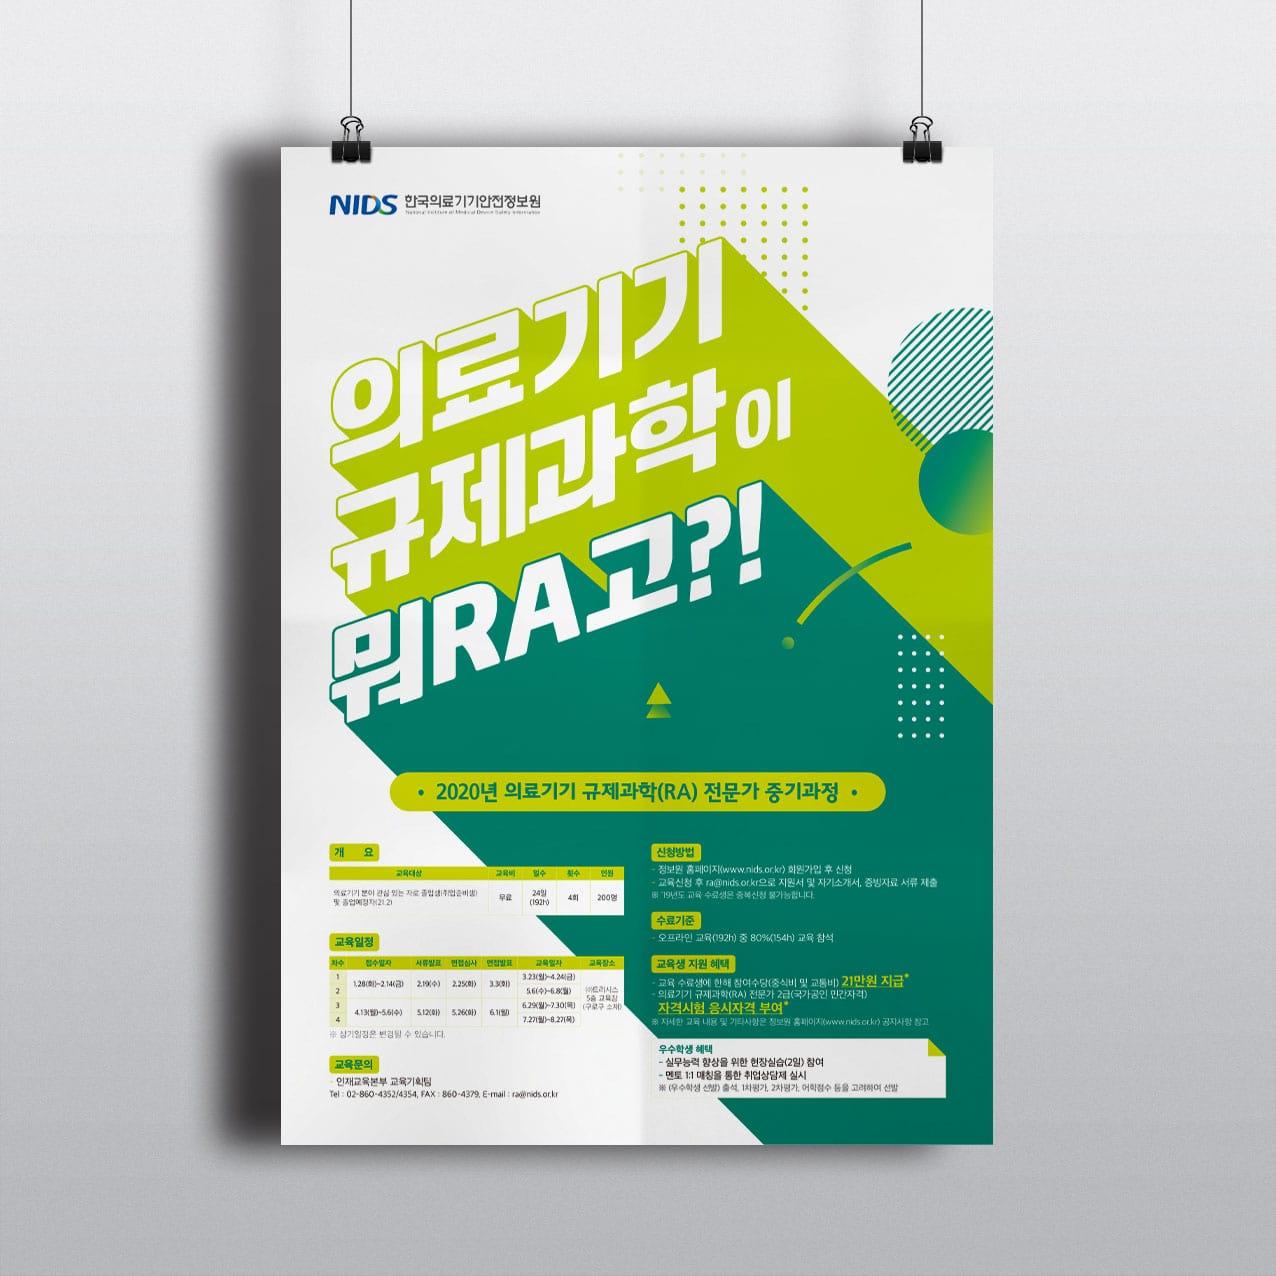 의료기기 규제과학이 뭐RA고? 2020년 의료기기 규제과학 전문가 중기과정 포스터 디자인 시안 - 한국의료기기안전정보원